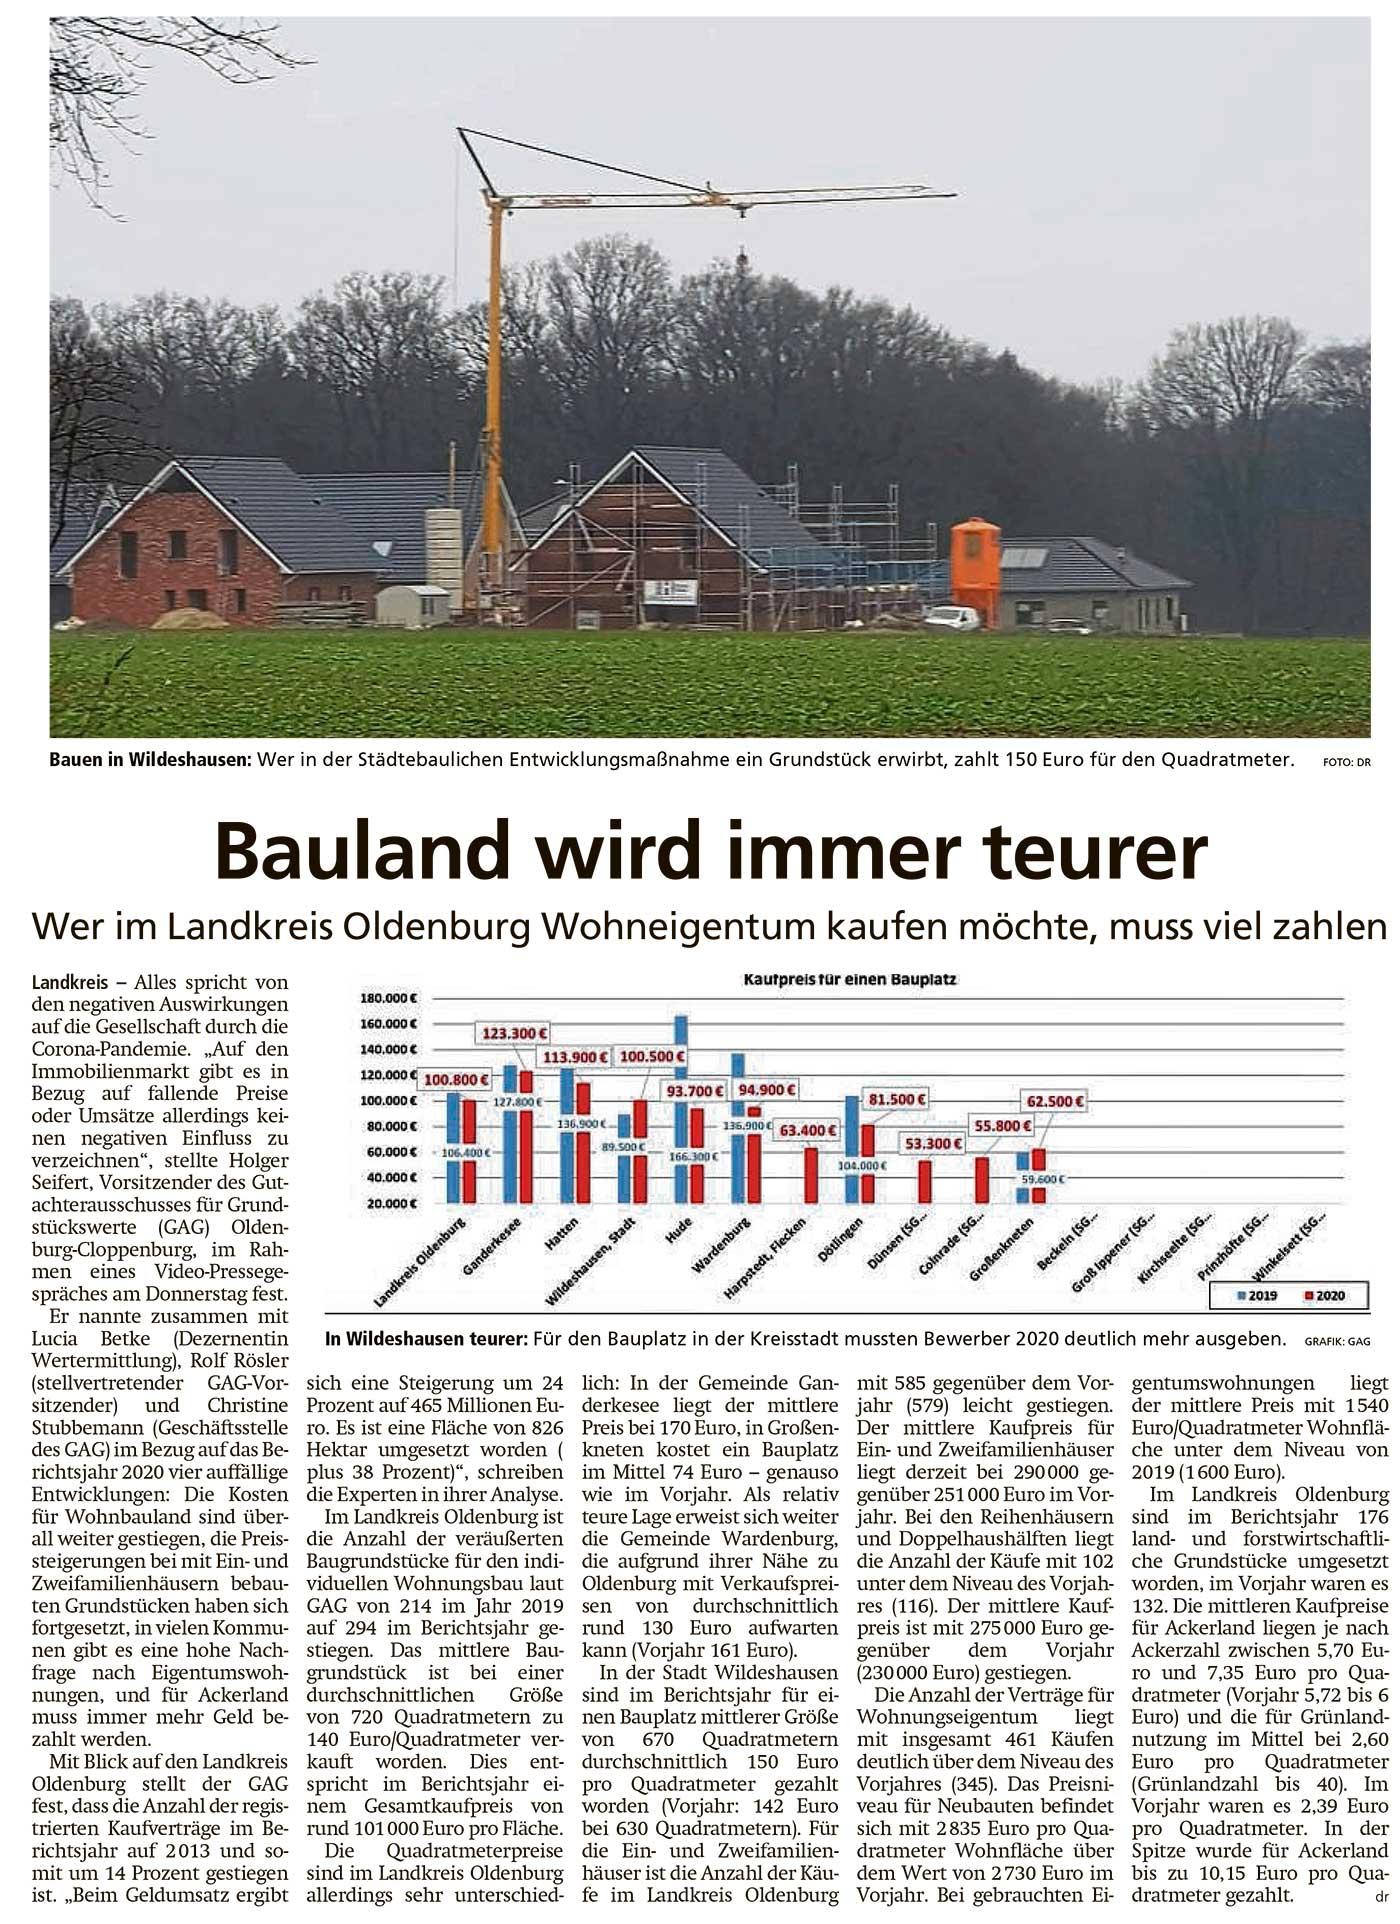 Bauland wird immer teurerWer im Landkreis Oldenburg Wohneigentum kaufen möchte, muss viel zahlenArtikel vom 05.02.2021 (WZ)